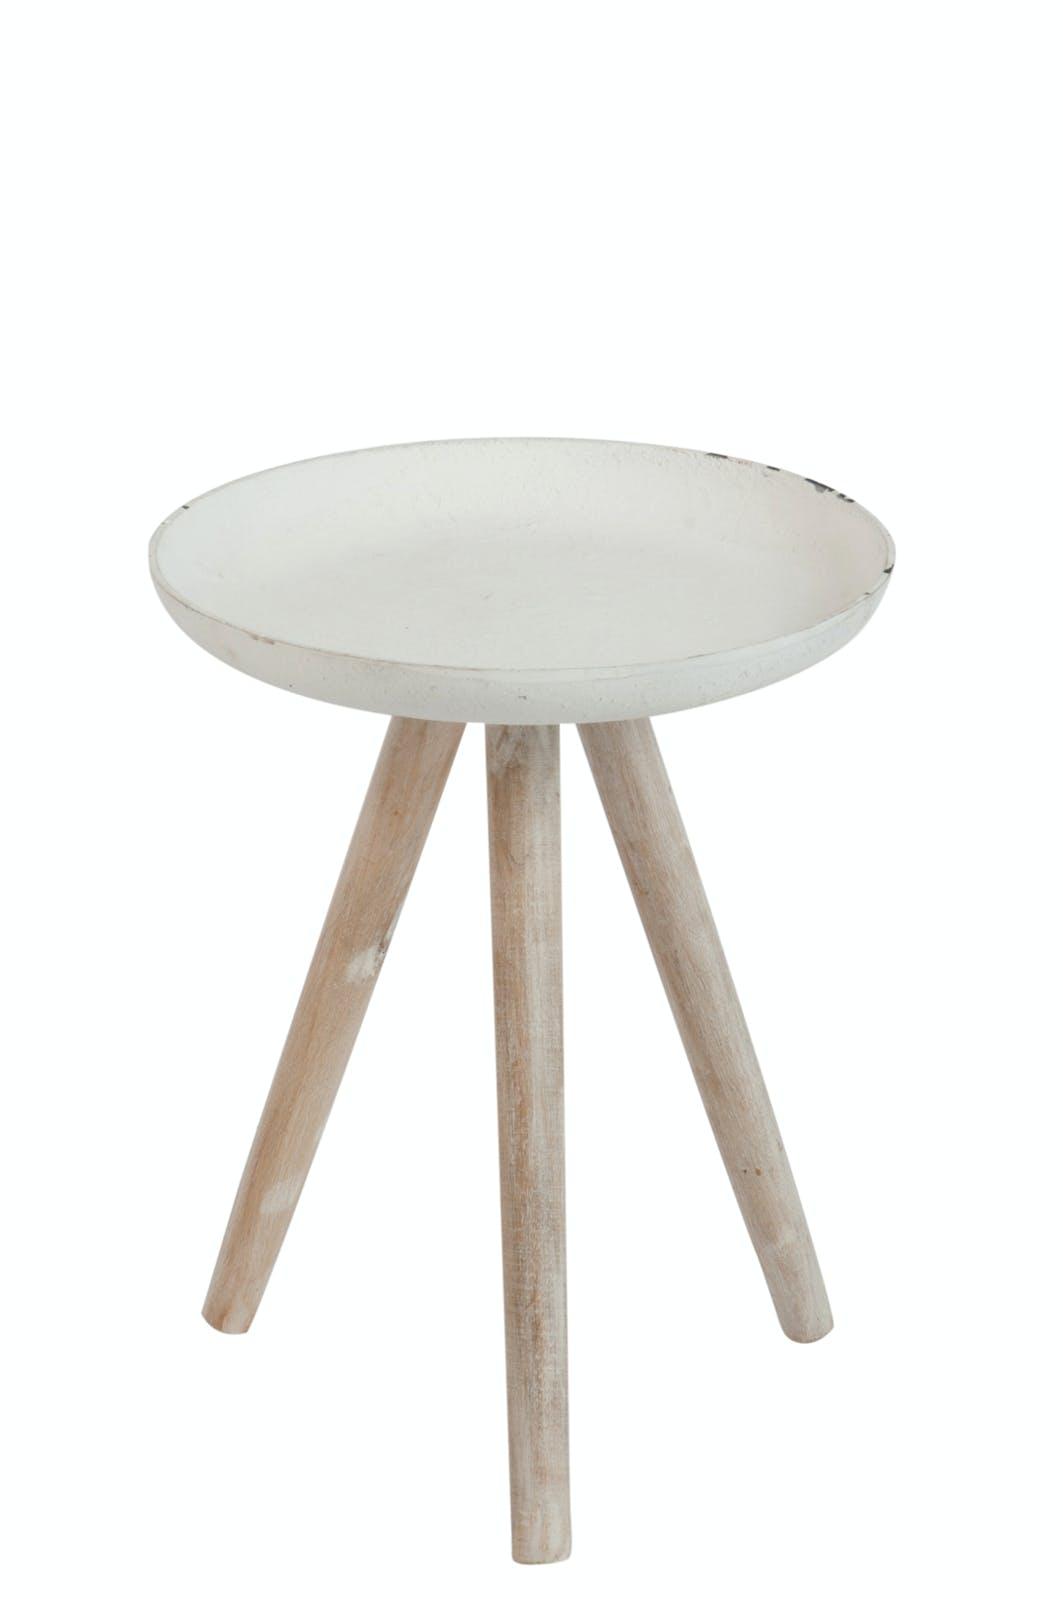 Bout de canapé / table d'appoint plateau métal et pieds bois, D35xH43cm